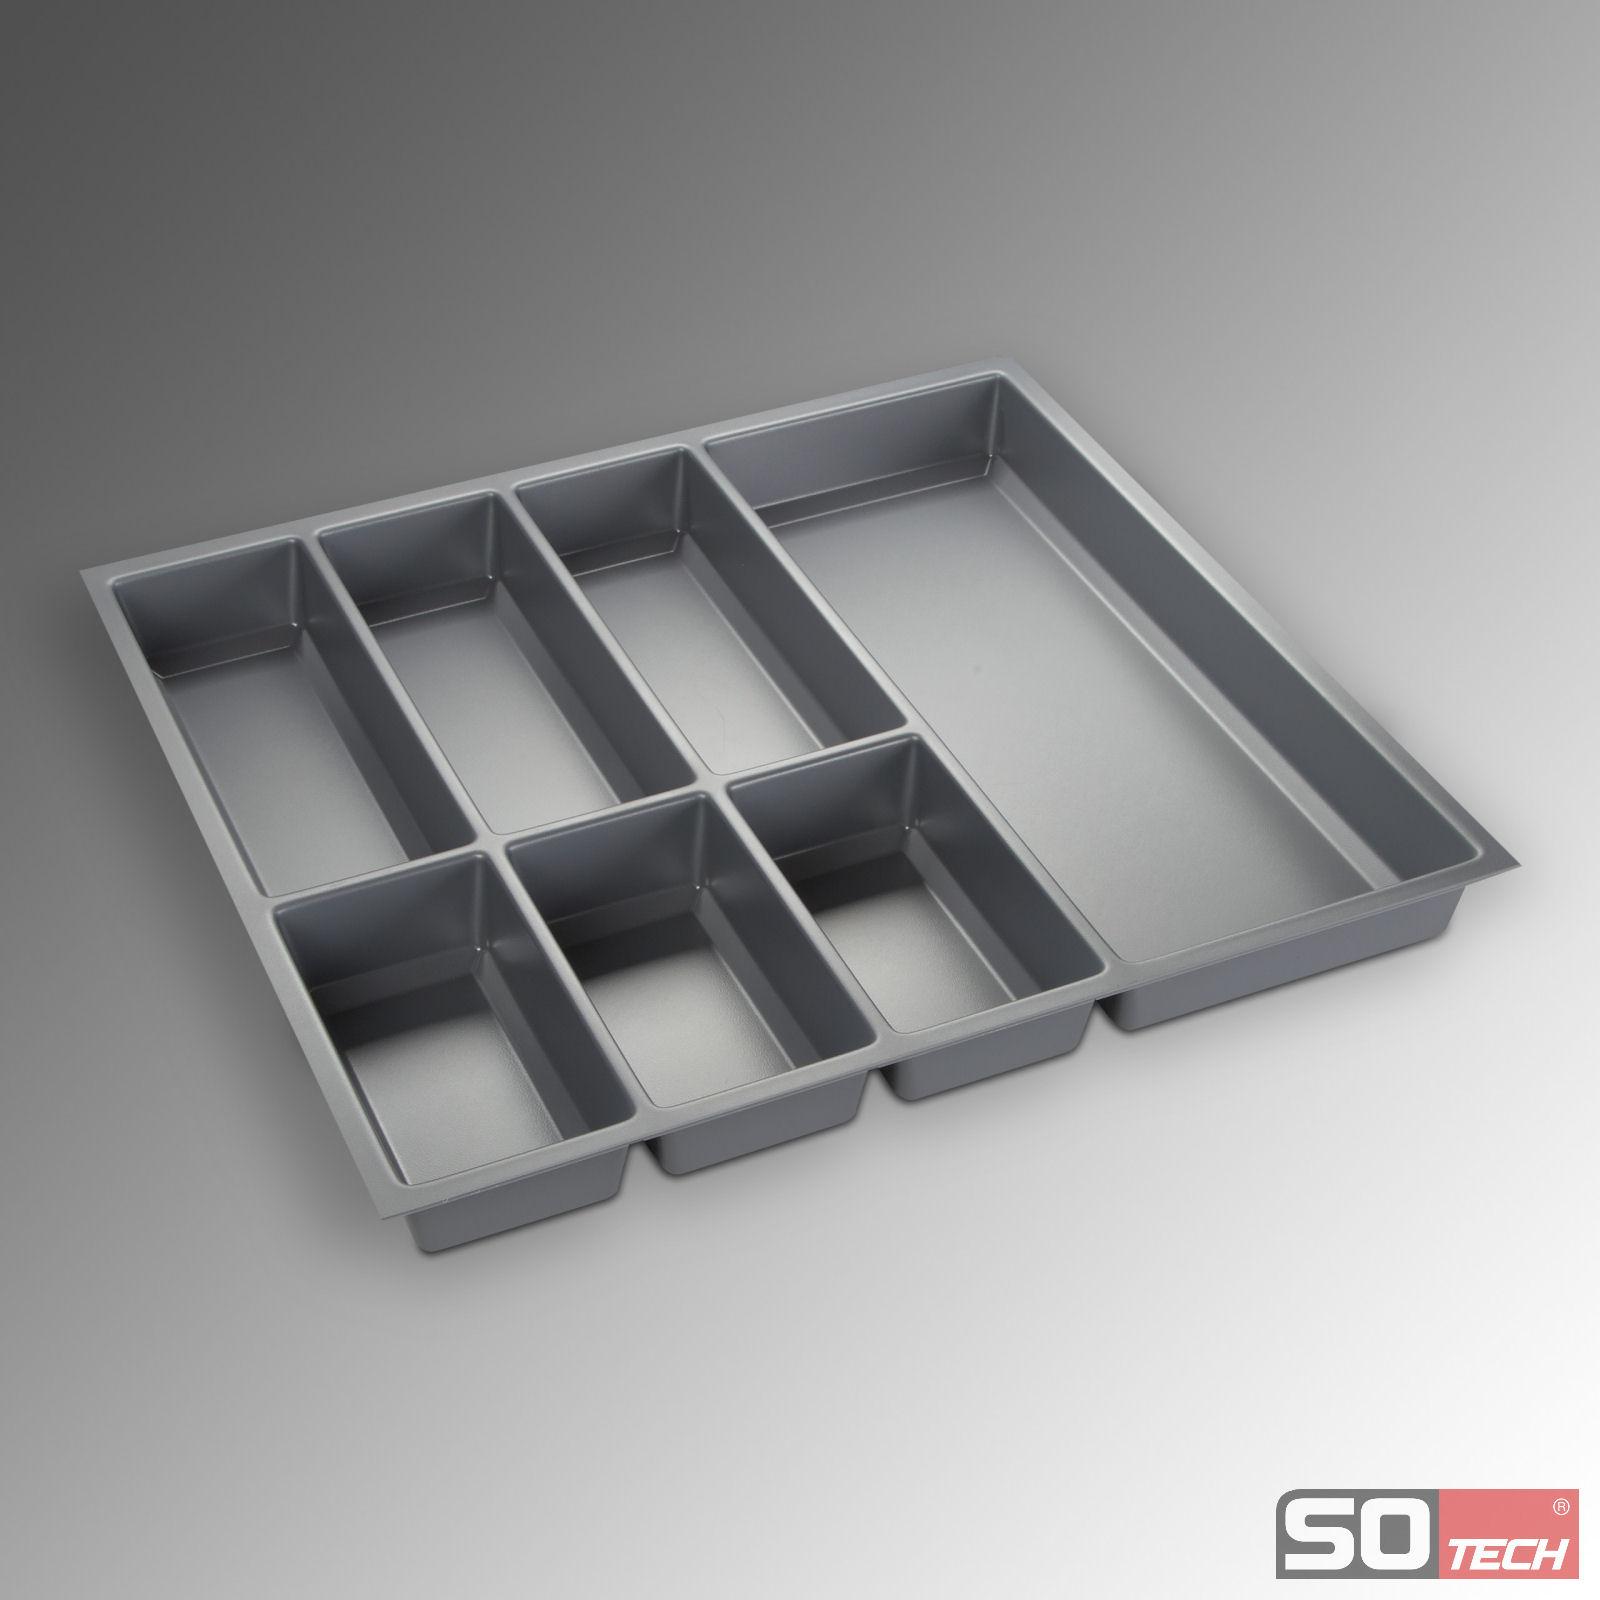 besteckeinsatz orga box f r nobilia arcitech zarge. Black Bedroom Furniture Sets. Home Design Ideas